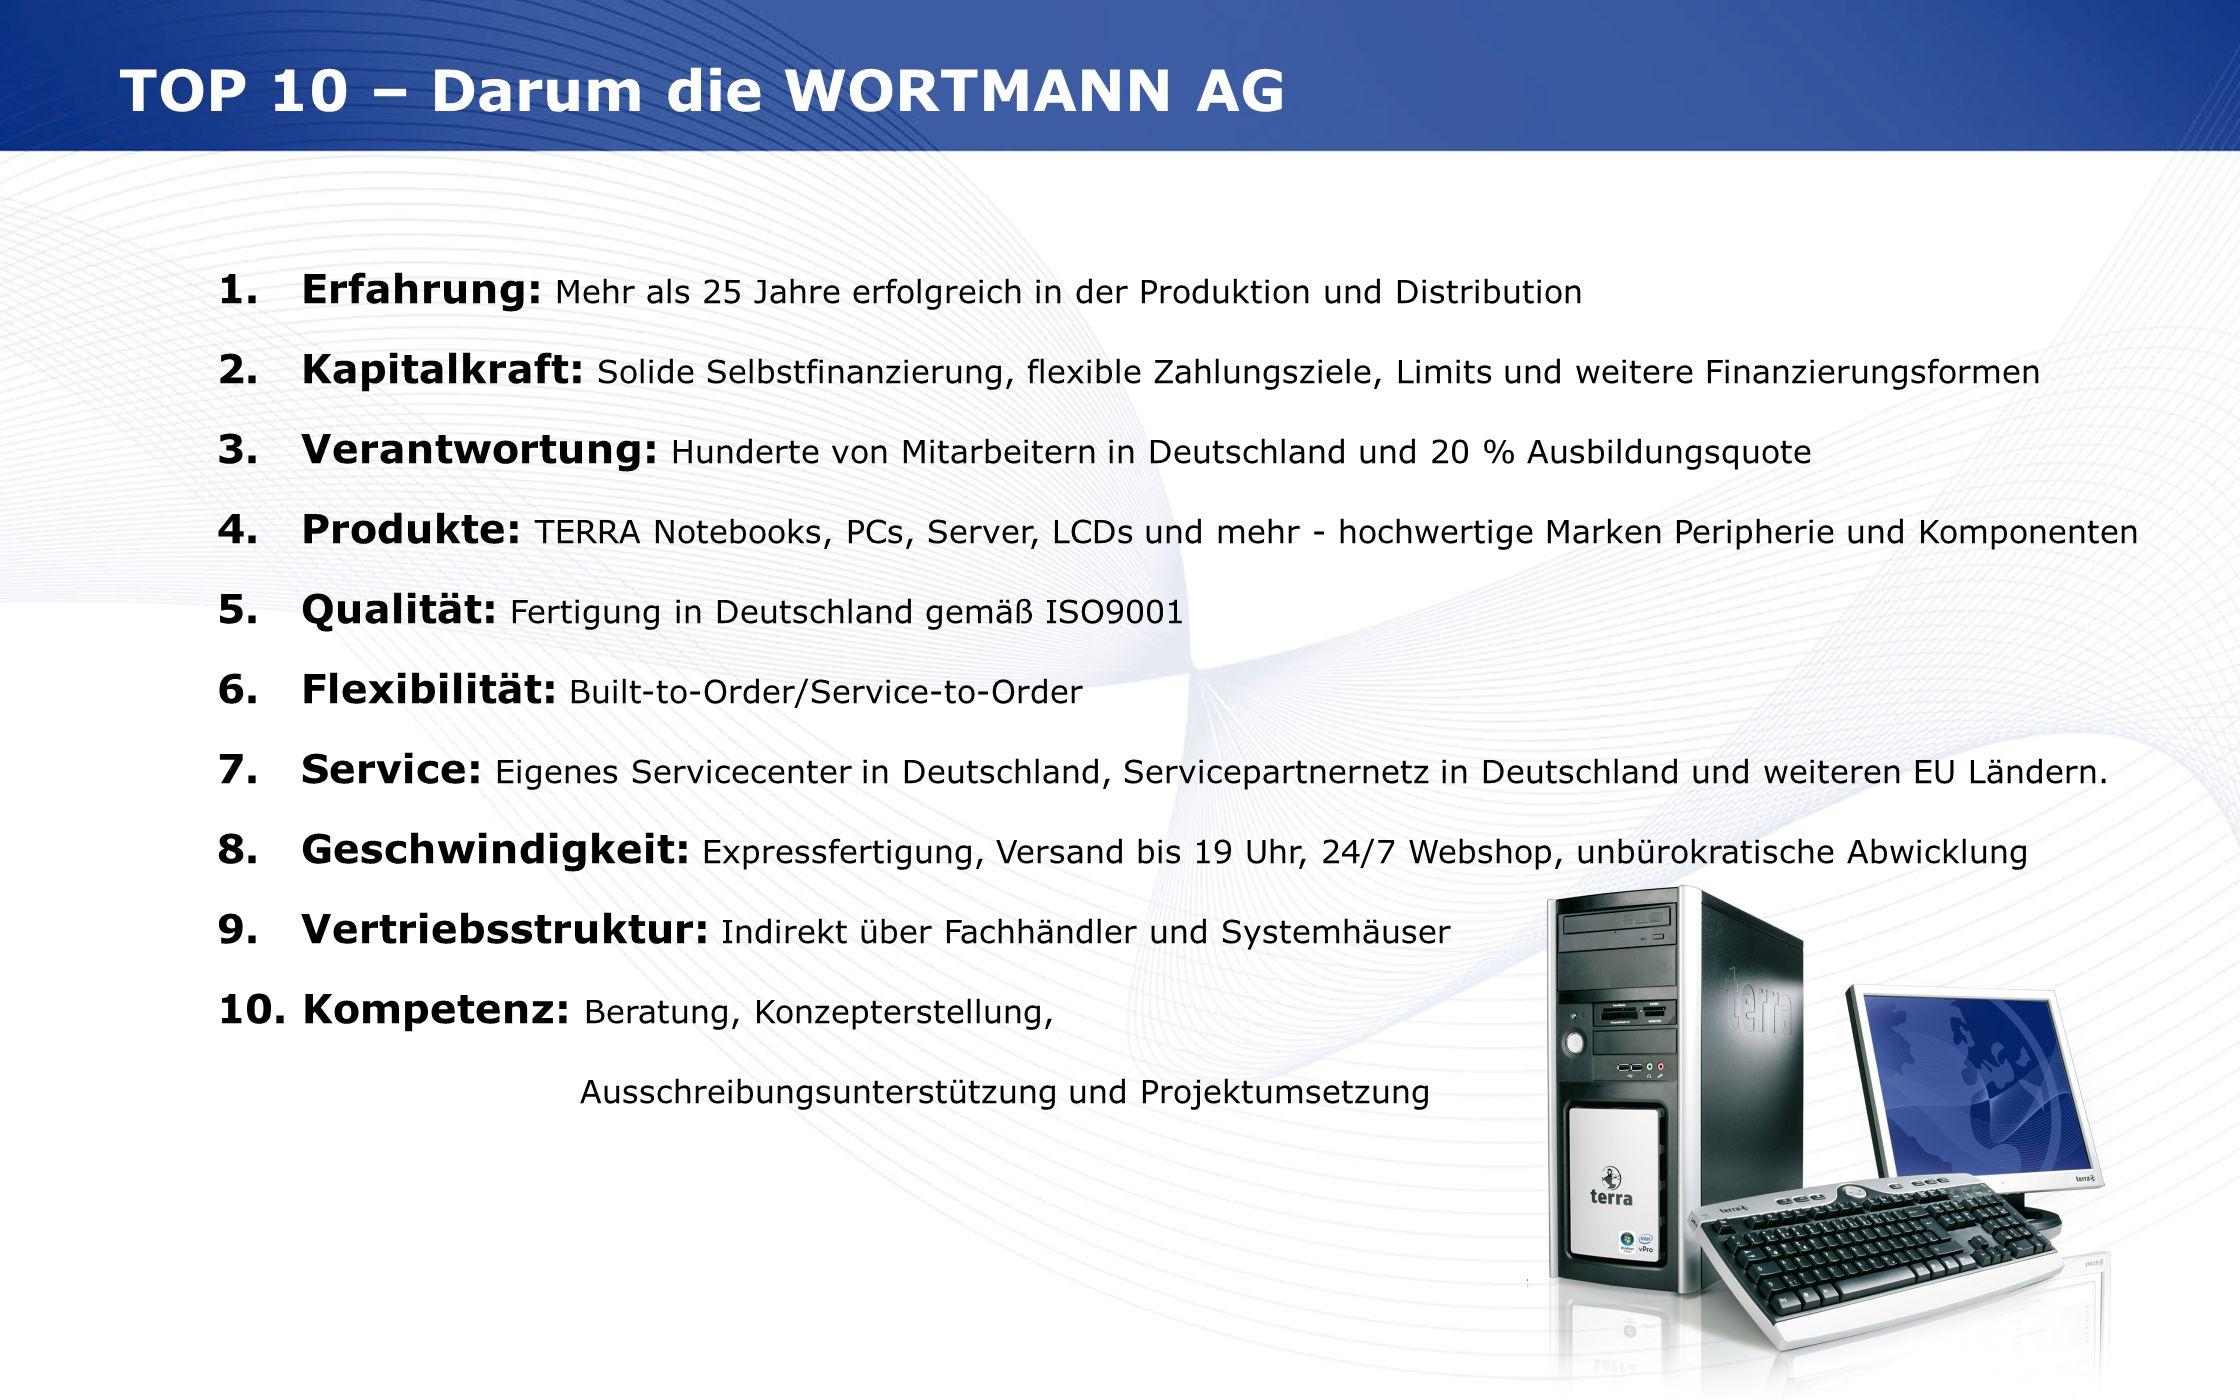 www.wortmann.de TOP 10 – Darum die WORTMANN AG 1. Erfahrung: Mehr als 25 Jahre erfolgreich in der Produktion und Distribution 2. Kapitalkraft: Solide